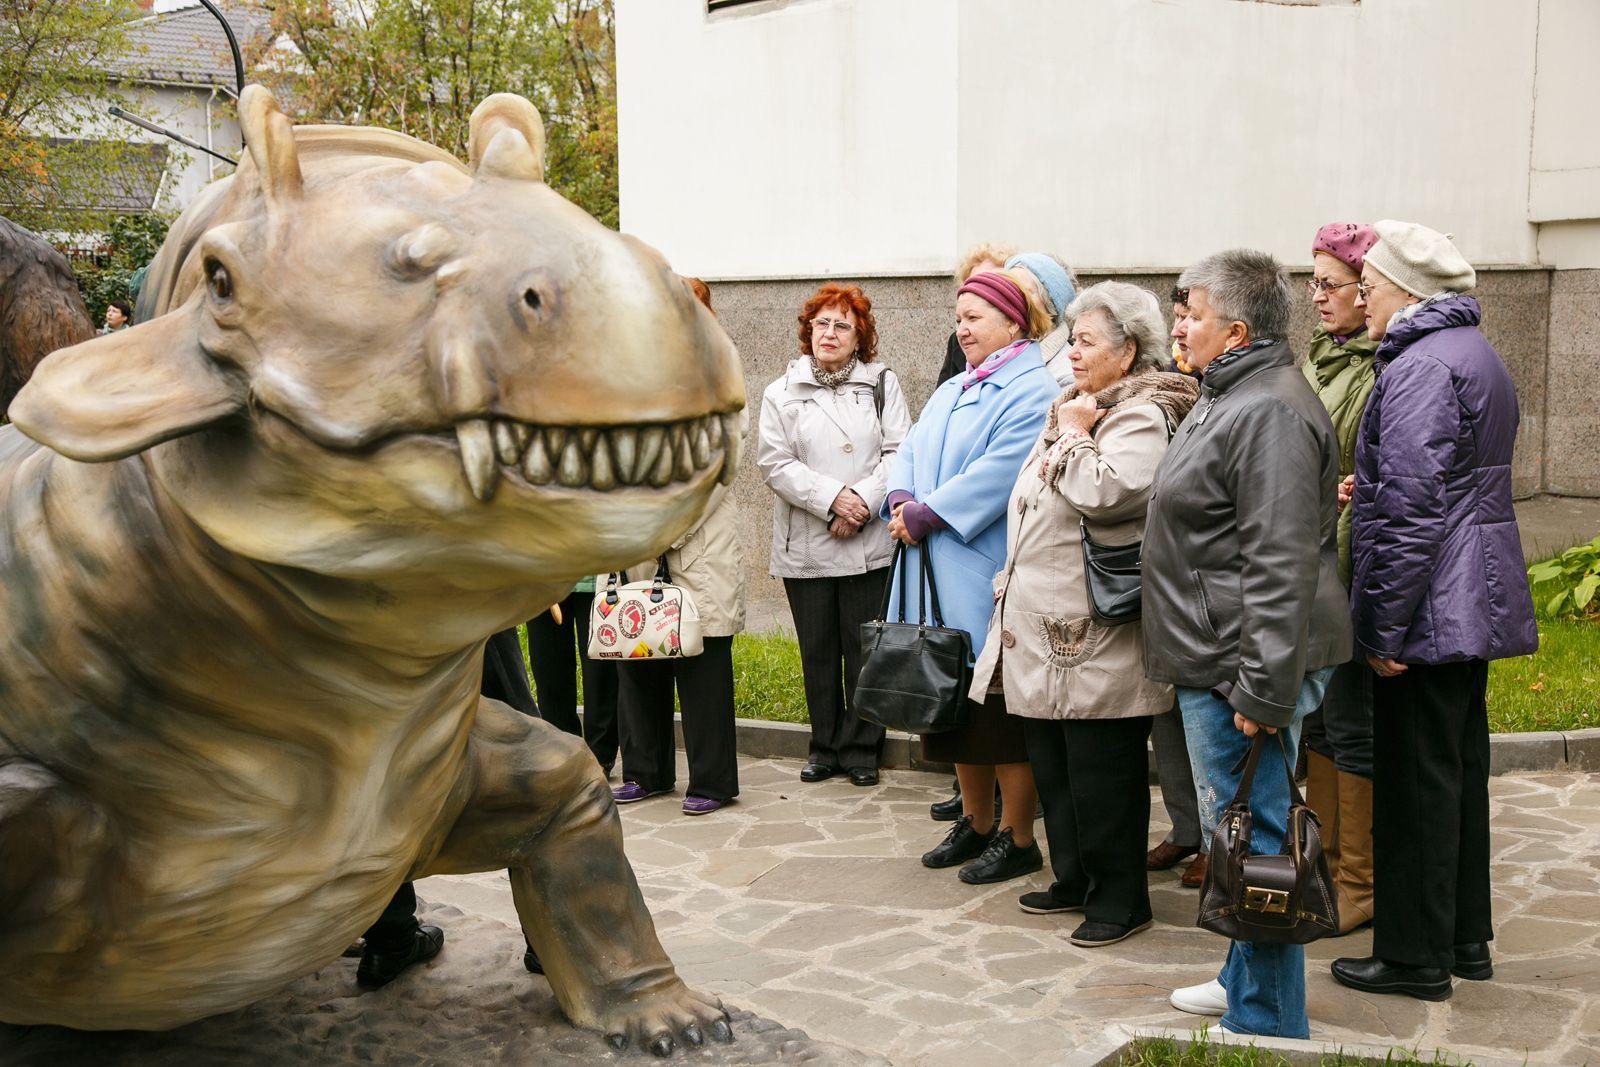 Бесплатные экскурсии проведут для представителей старшего поколения в Дарвиновском музее